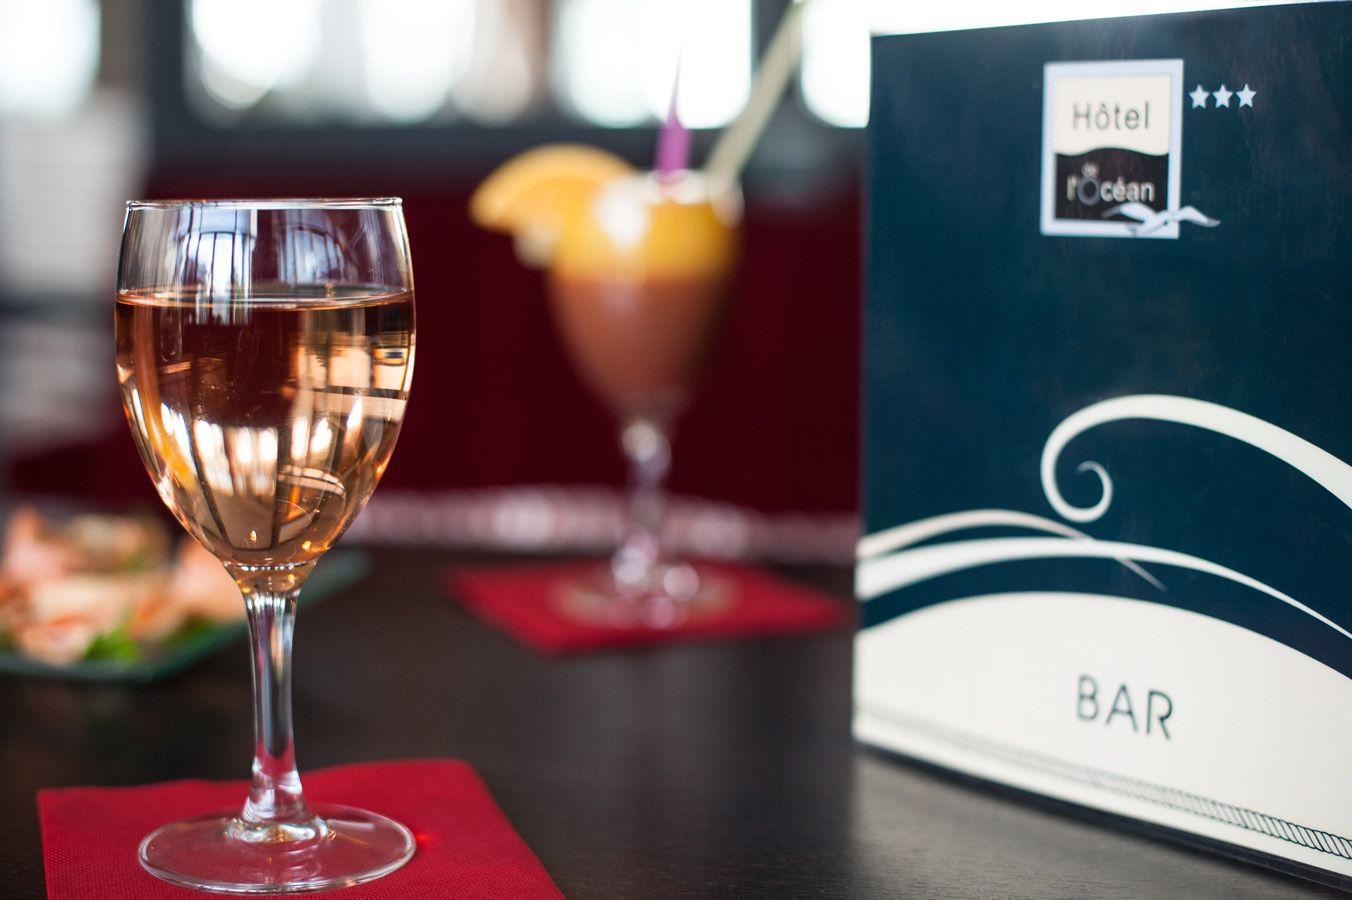 Photo Brit Hotel de l'Océan Concarneau